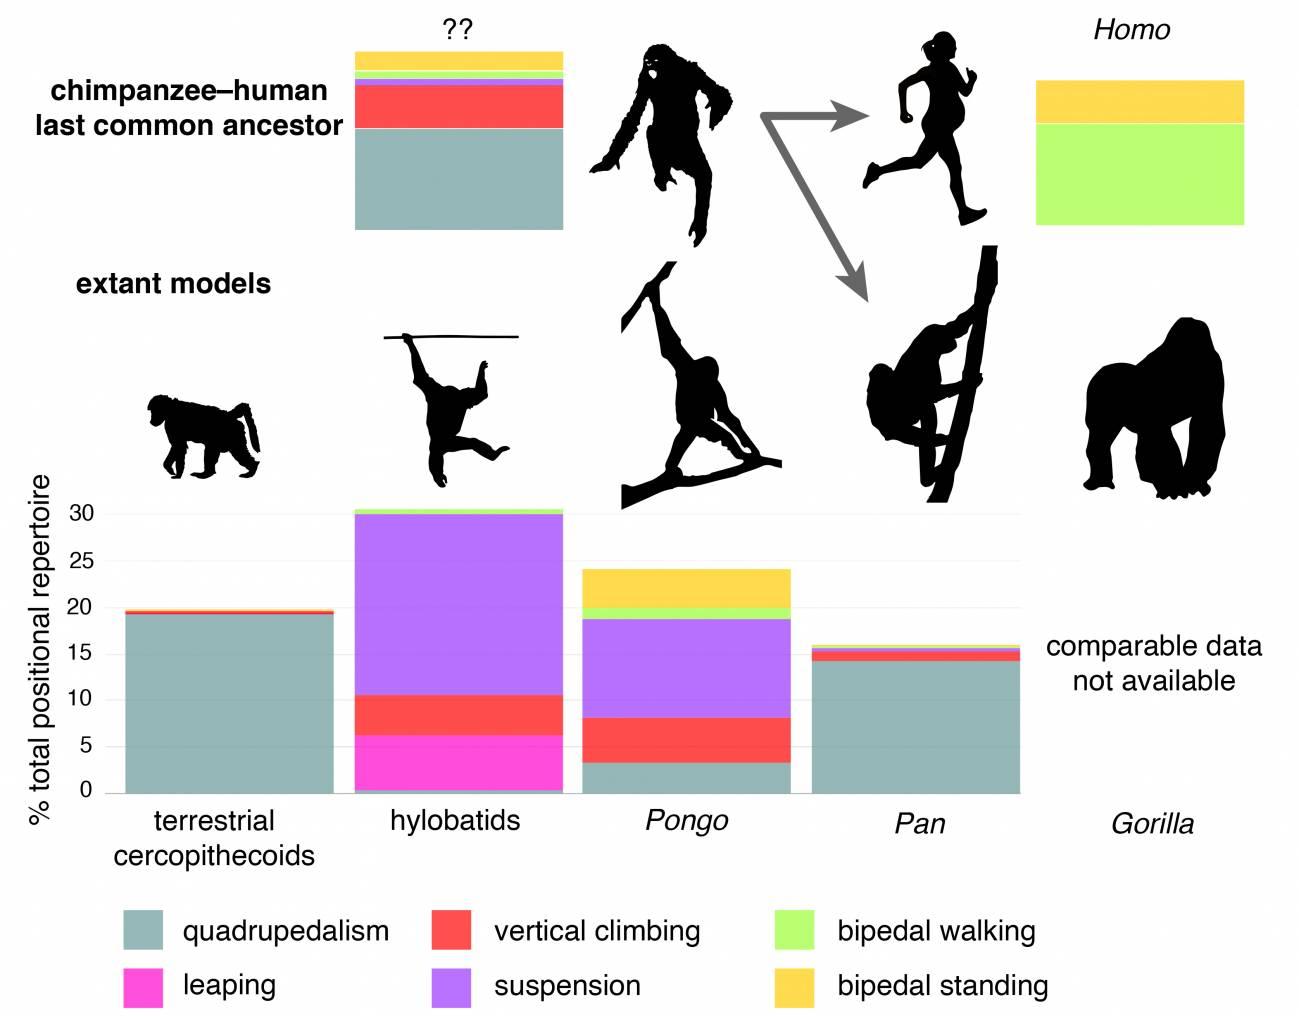 Se desconoce la variedad de posiciones que precede al bipedismo humano. / © Sergio Almécija